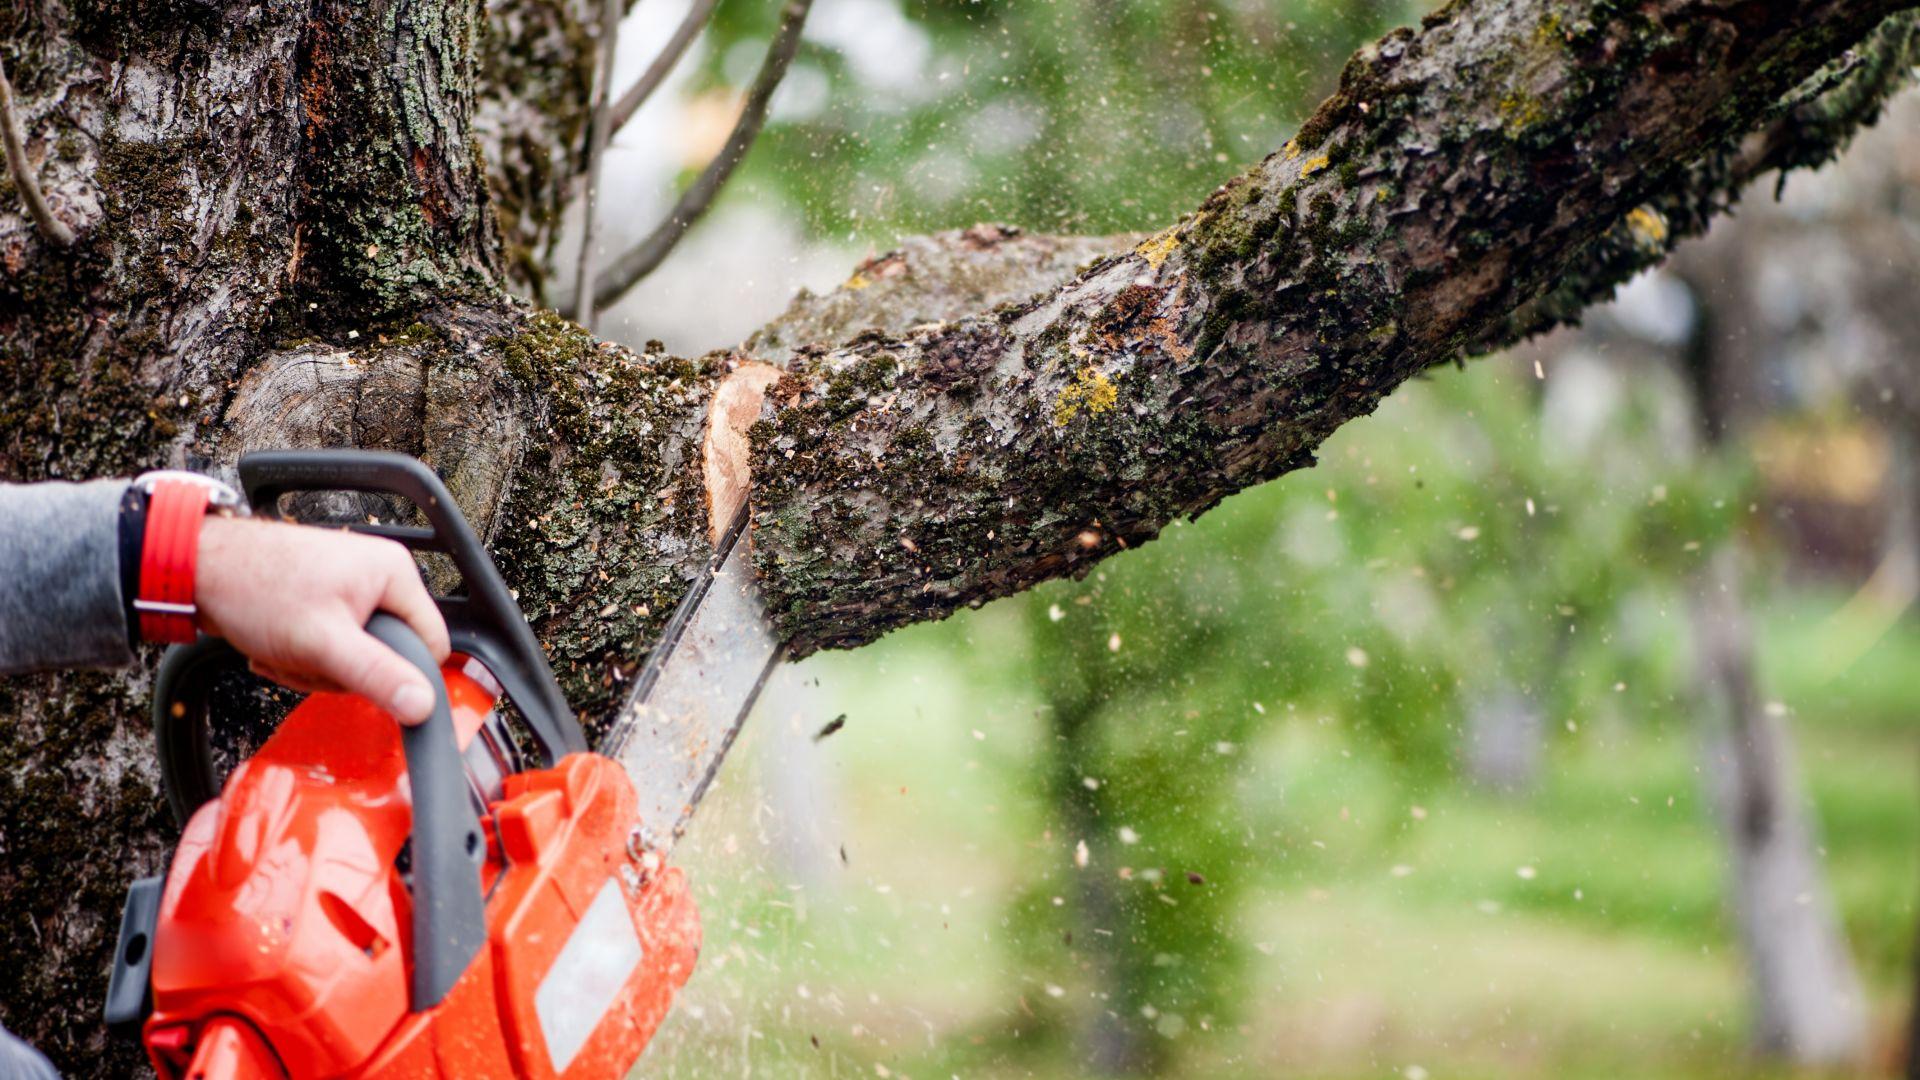 Софийската дирекция по горите установи незаконен сеч на 700 дървета край Своге